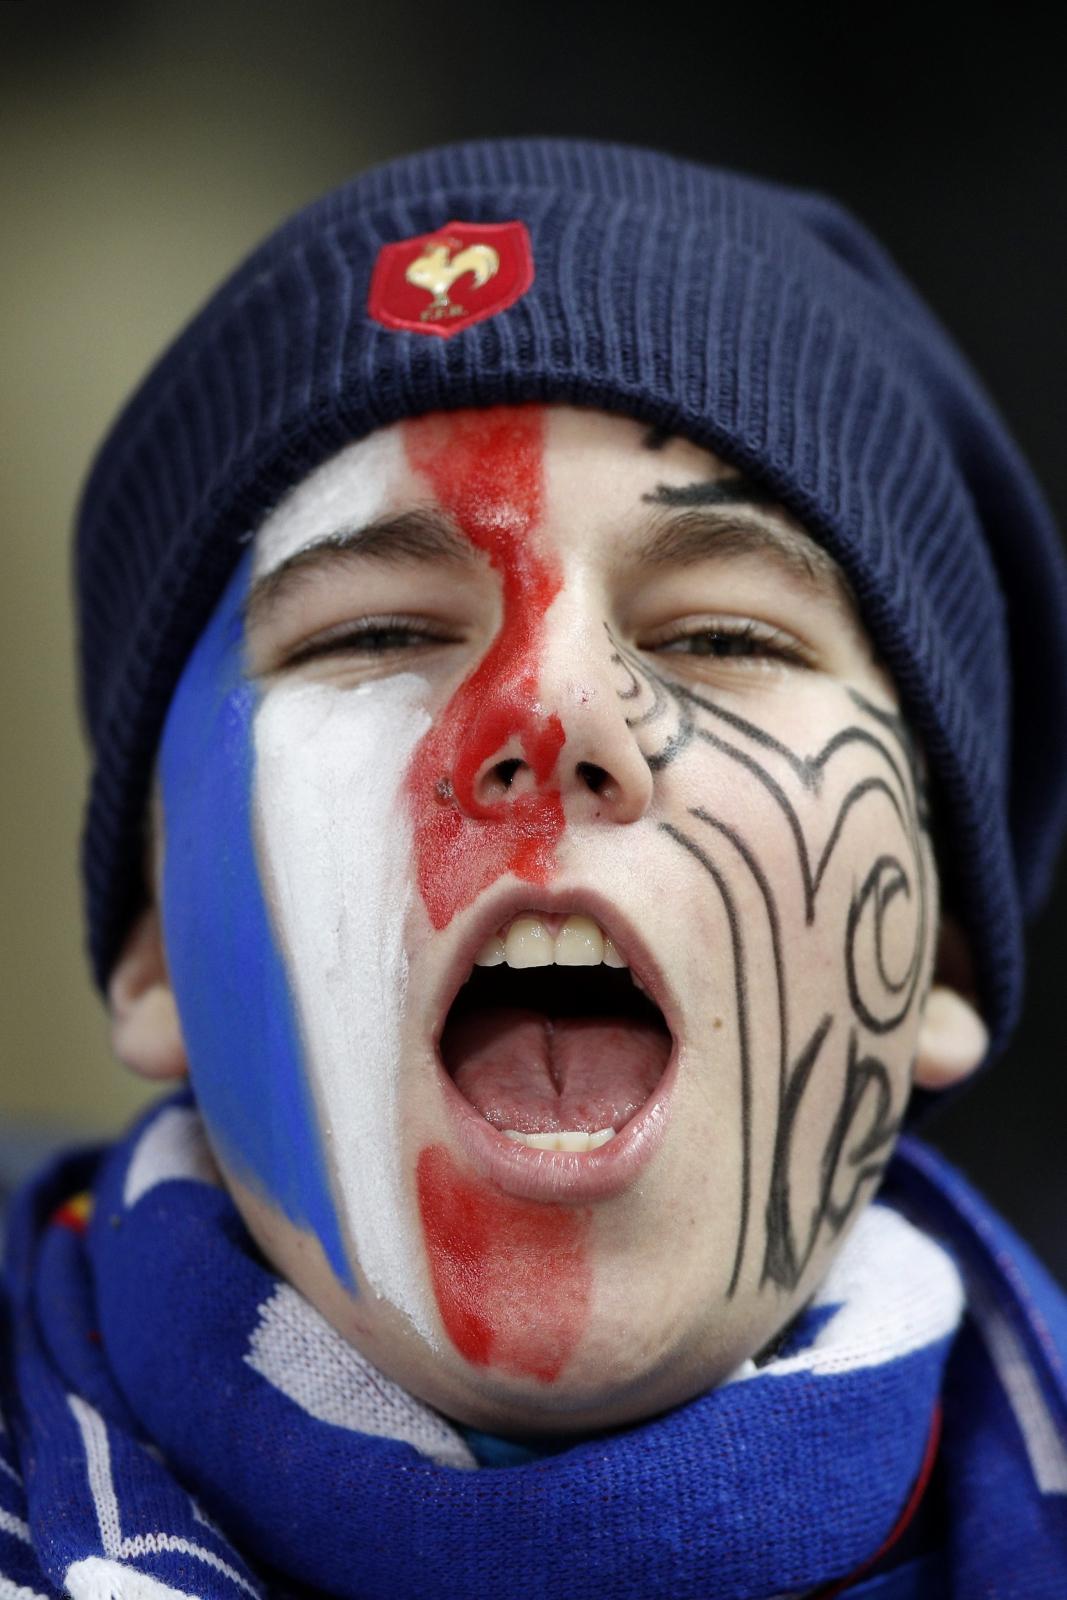 Kibic francuskiej reprezentacji rugby zagrzewa swoją drużynę do boju z zespołem Nowej Zelandii.